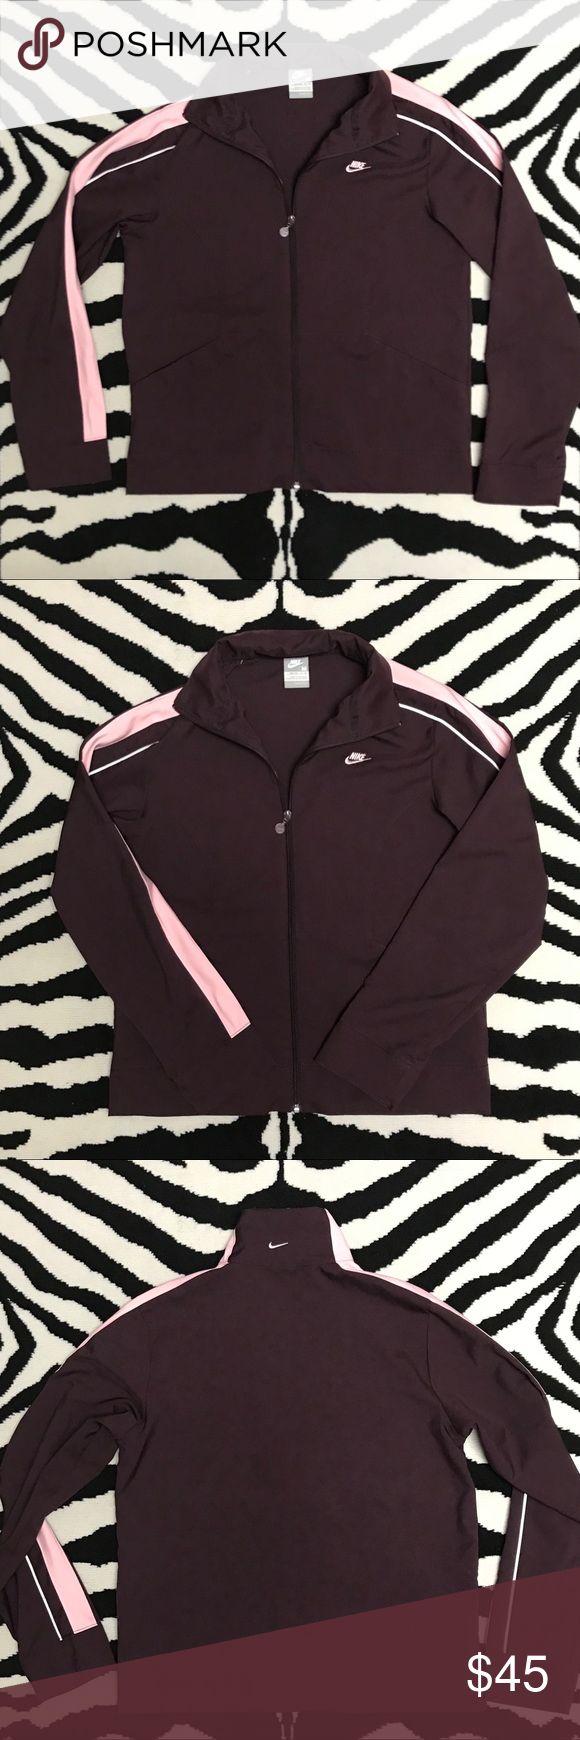 Vtg Nike Track Jacket Vtg Nike Silver Tag Track Jacket. Eggplant & Pink, nylon full zip track jacket. Size Medium 8-10 Nike Jackets & Coats